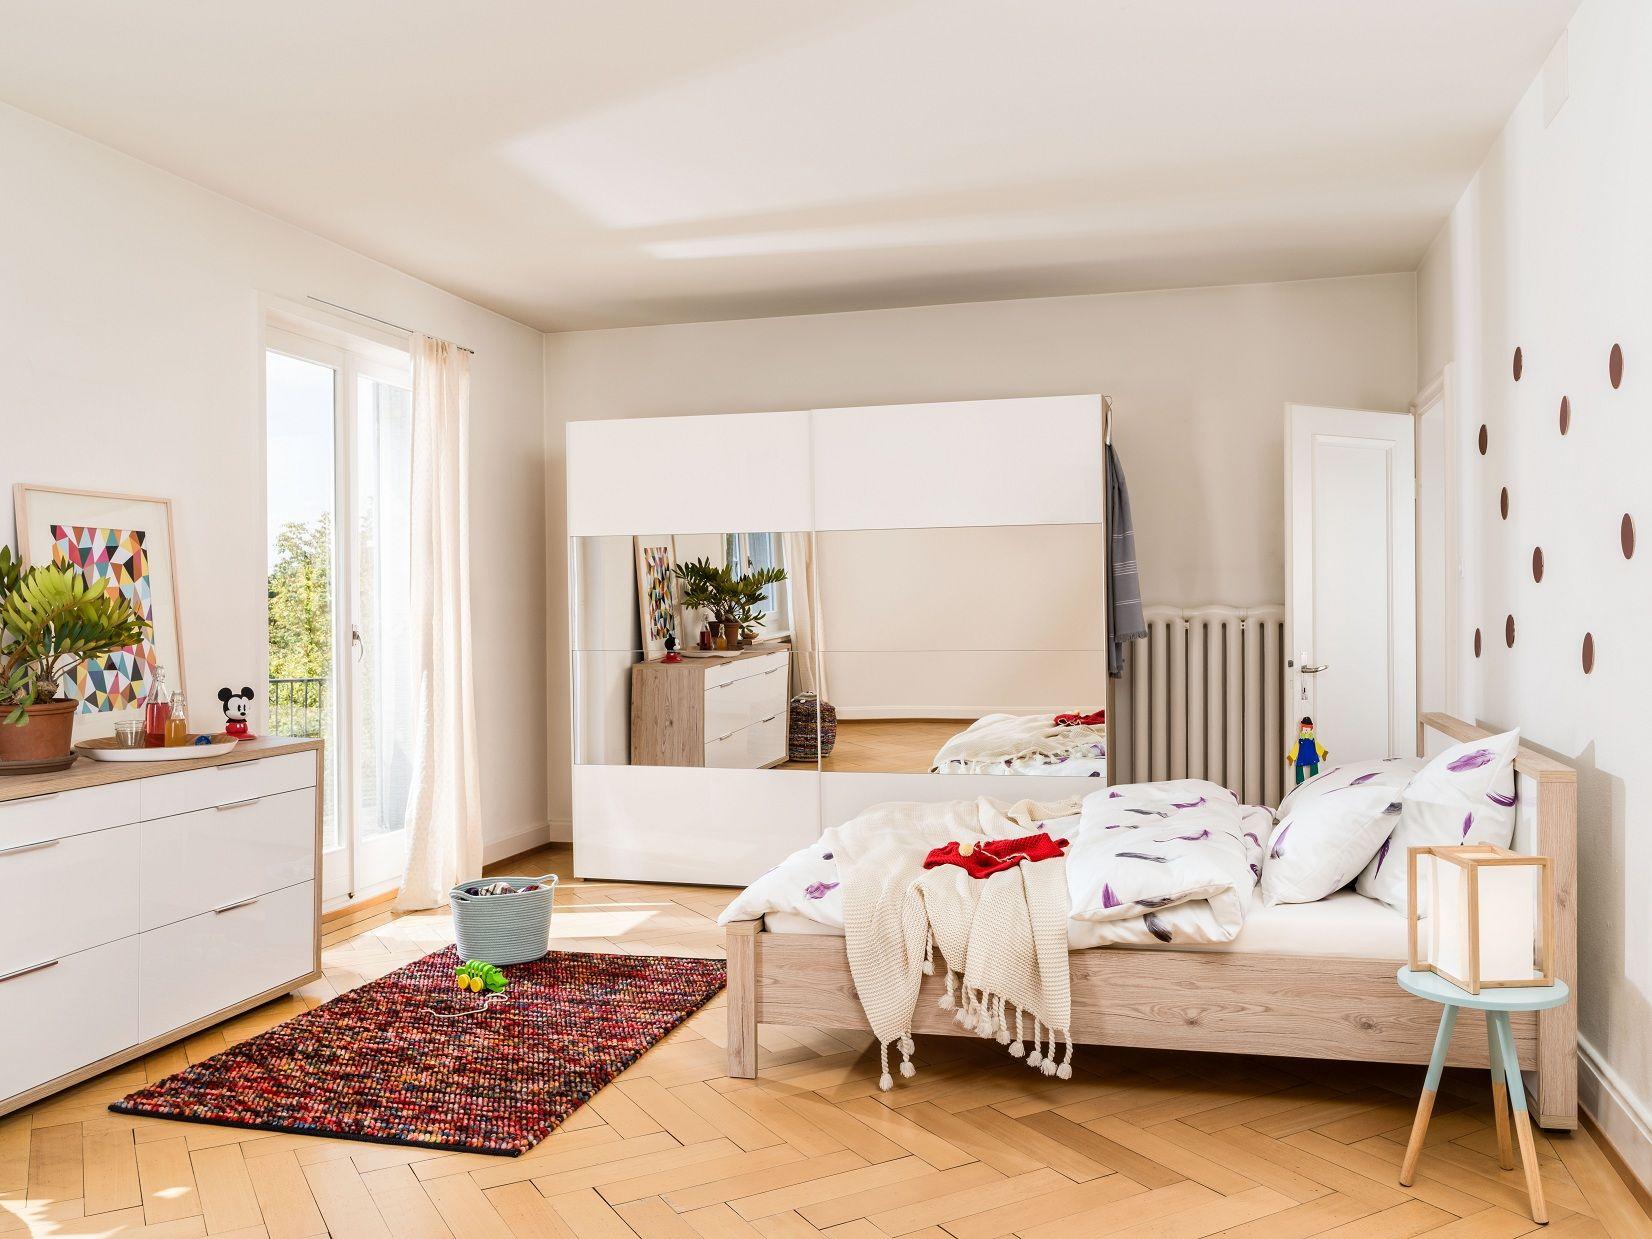 micasa schlafzimmer mit bett schrank und kommode aus dem programm millot micasa schlafen